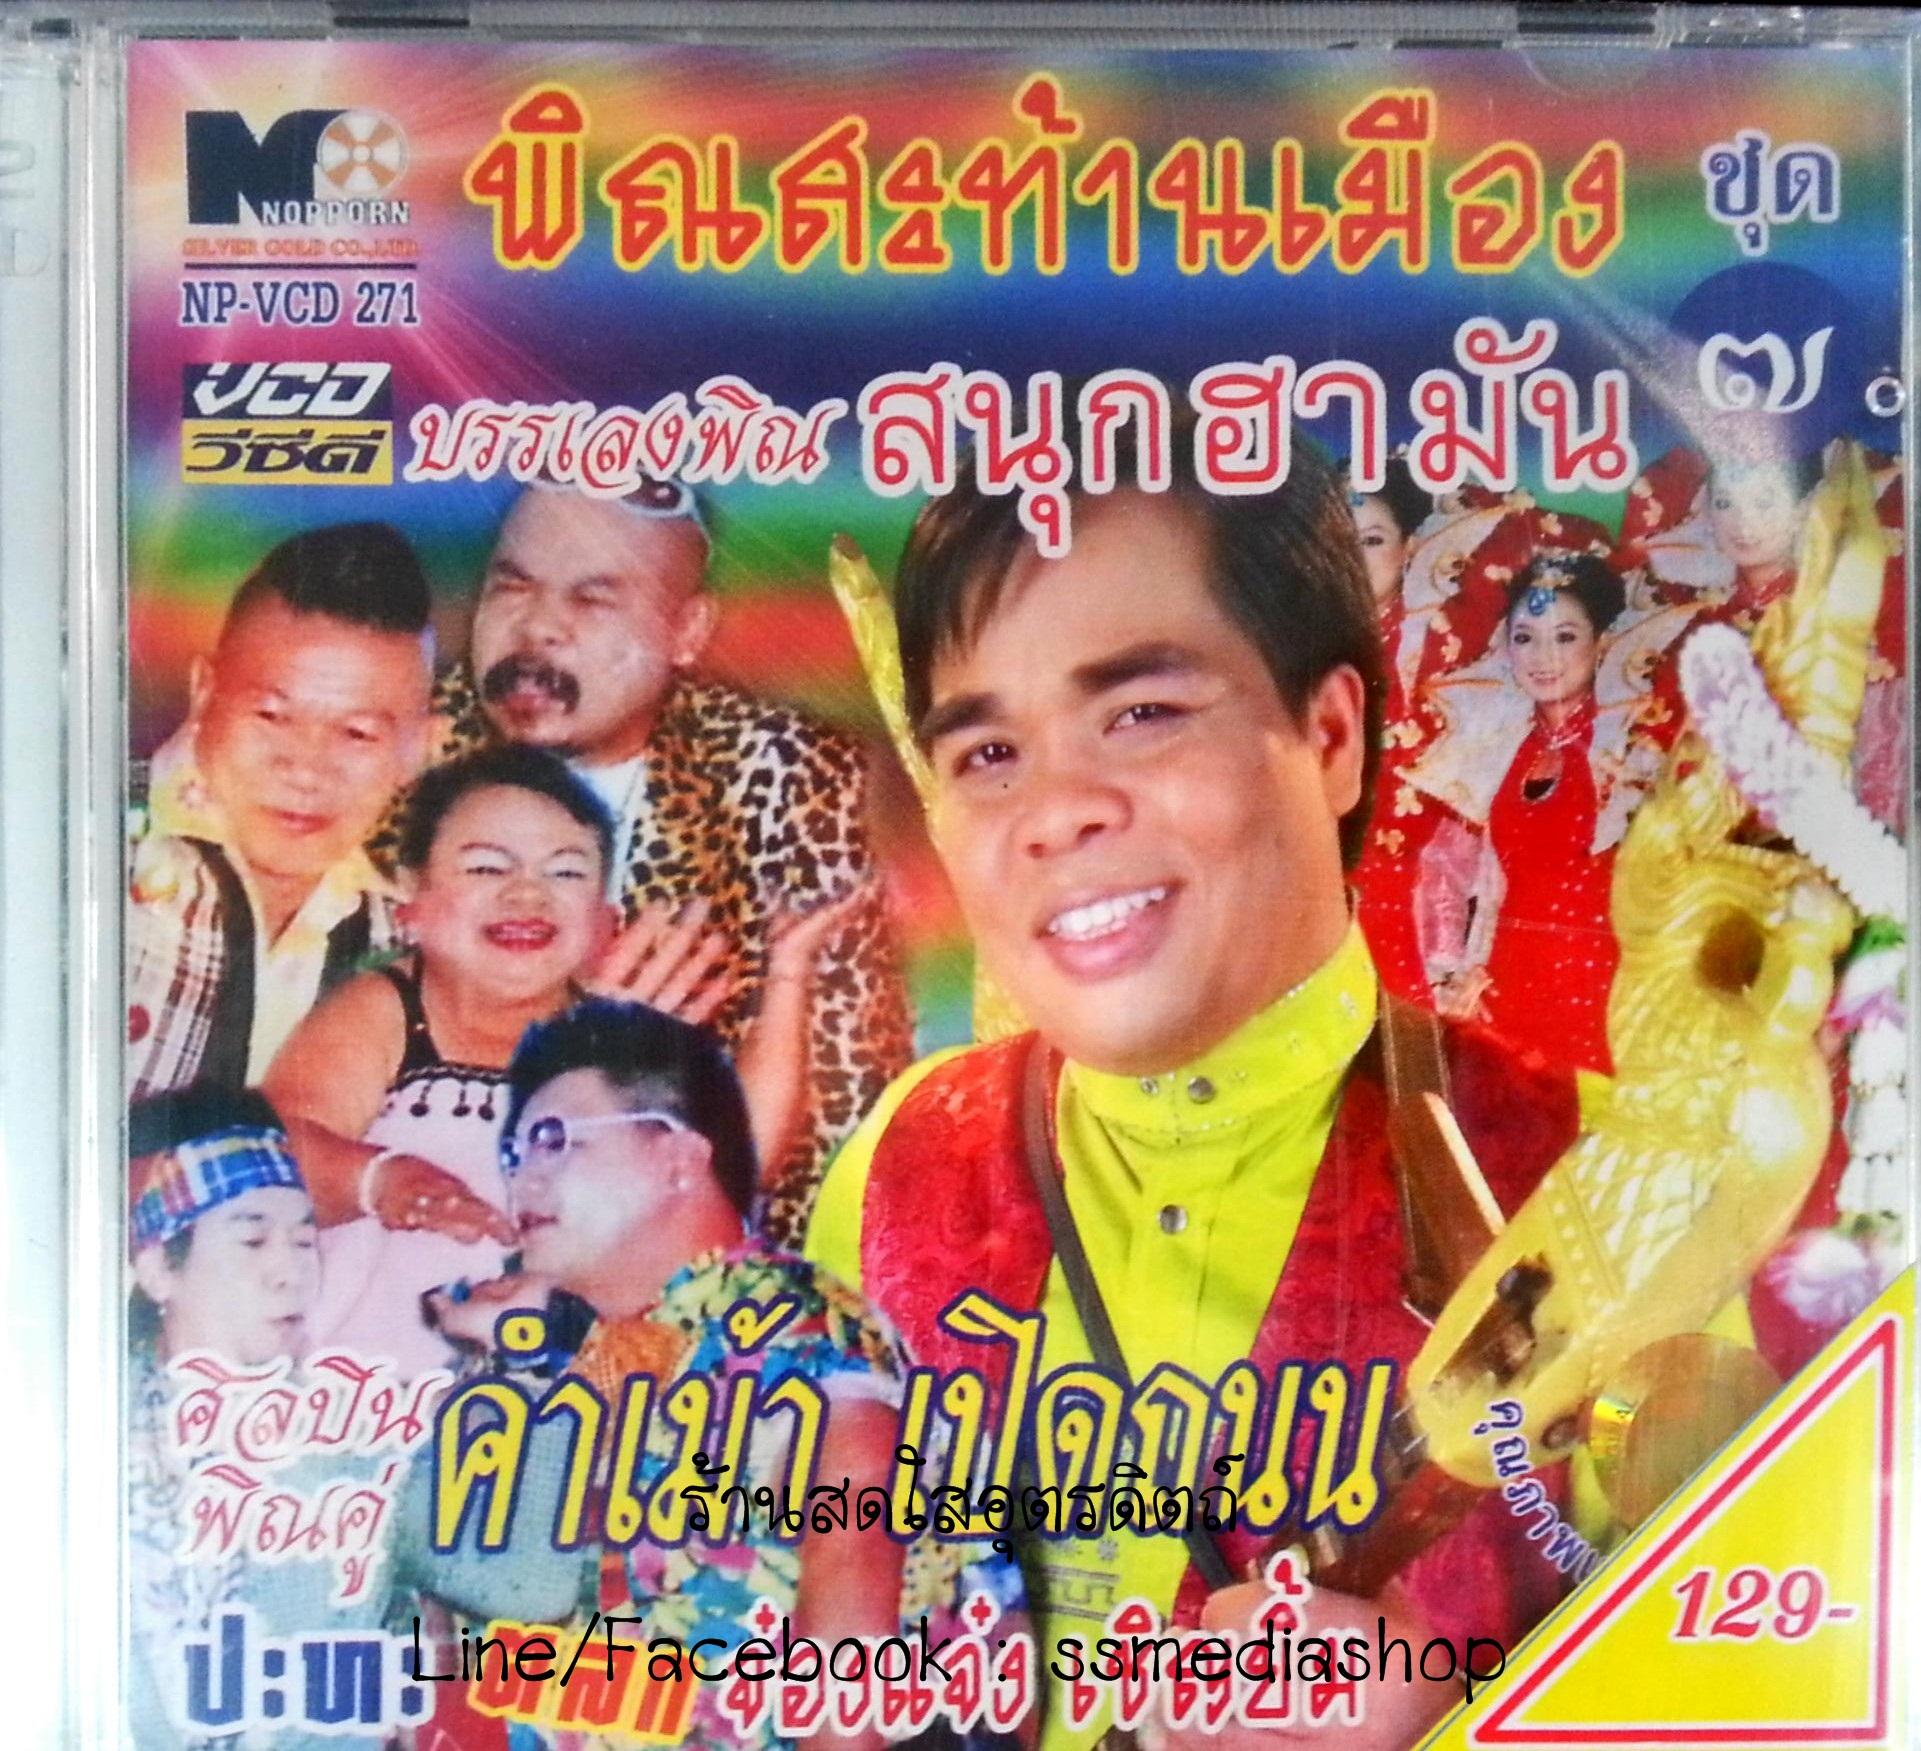 VCD คำเม้า เปิดถนน พิณสะท้านเมือง บรรเลงพิณสนุกฮามัน ชุด7